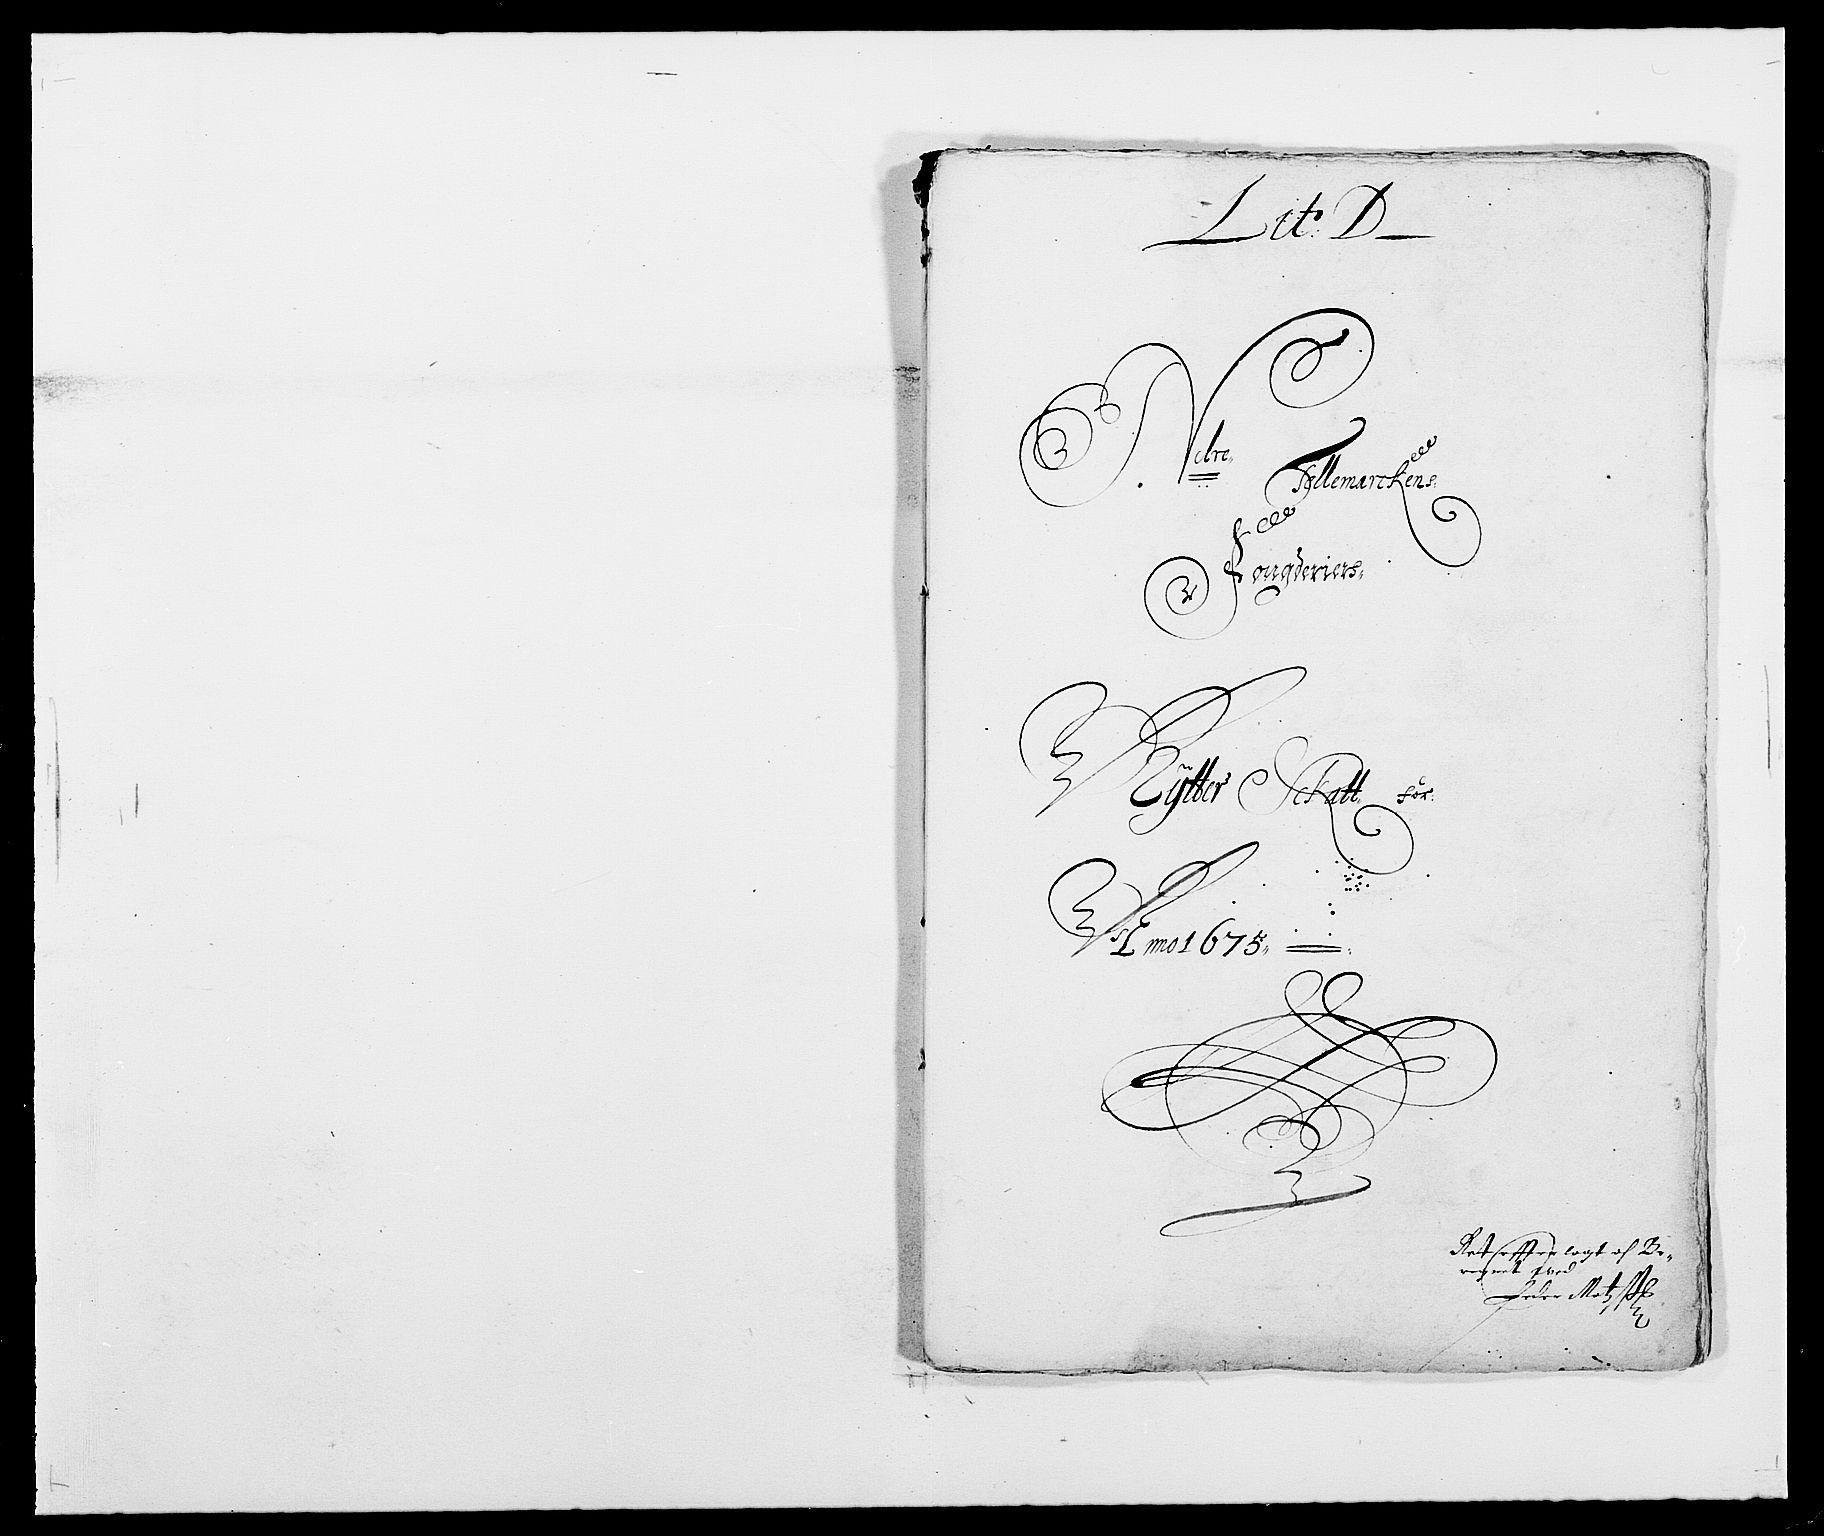 RA, Rentekammeret inntil 1814, Reviderte regnskaper, Fogderegnskap, R35/L2063: Fogderegnskap Øvre og Nedre Telemark, 1675, s. 90